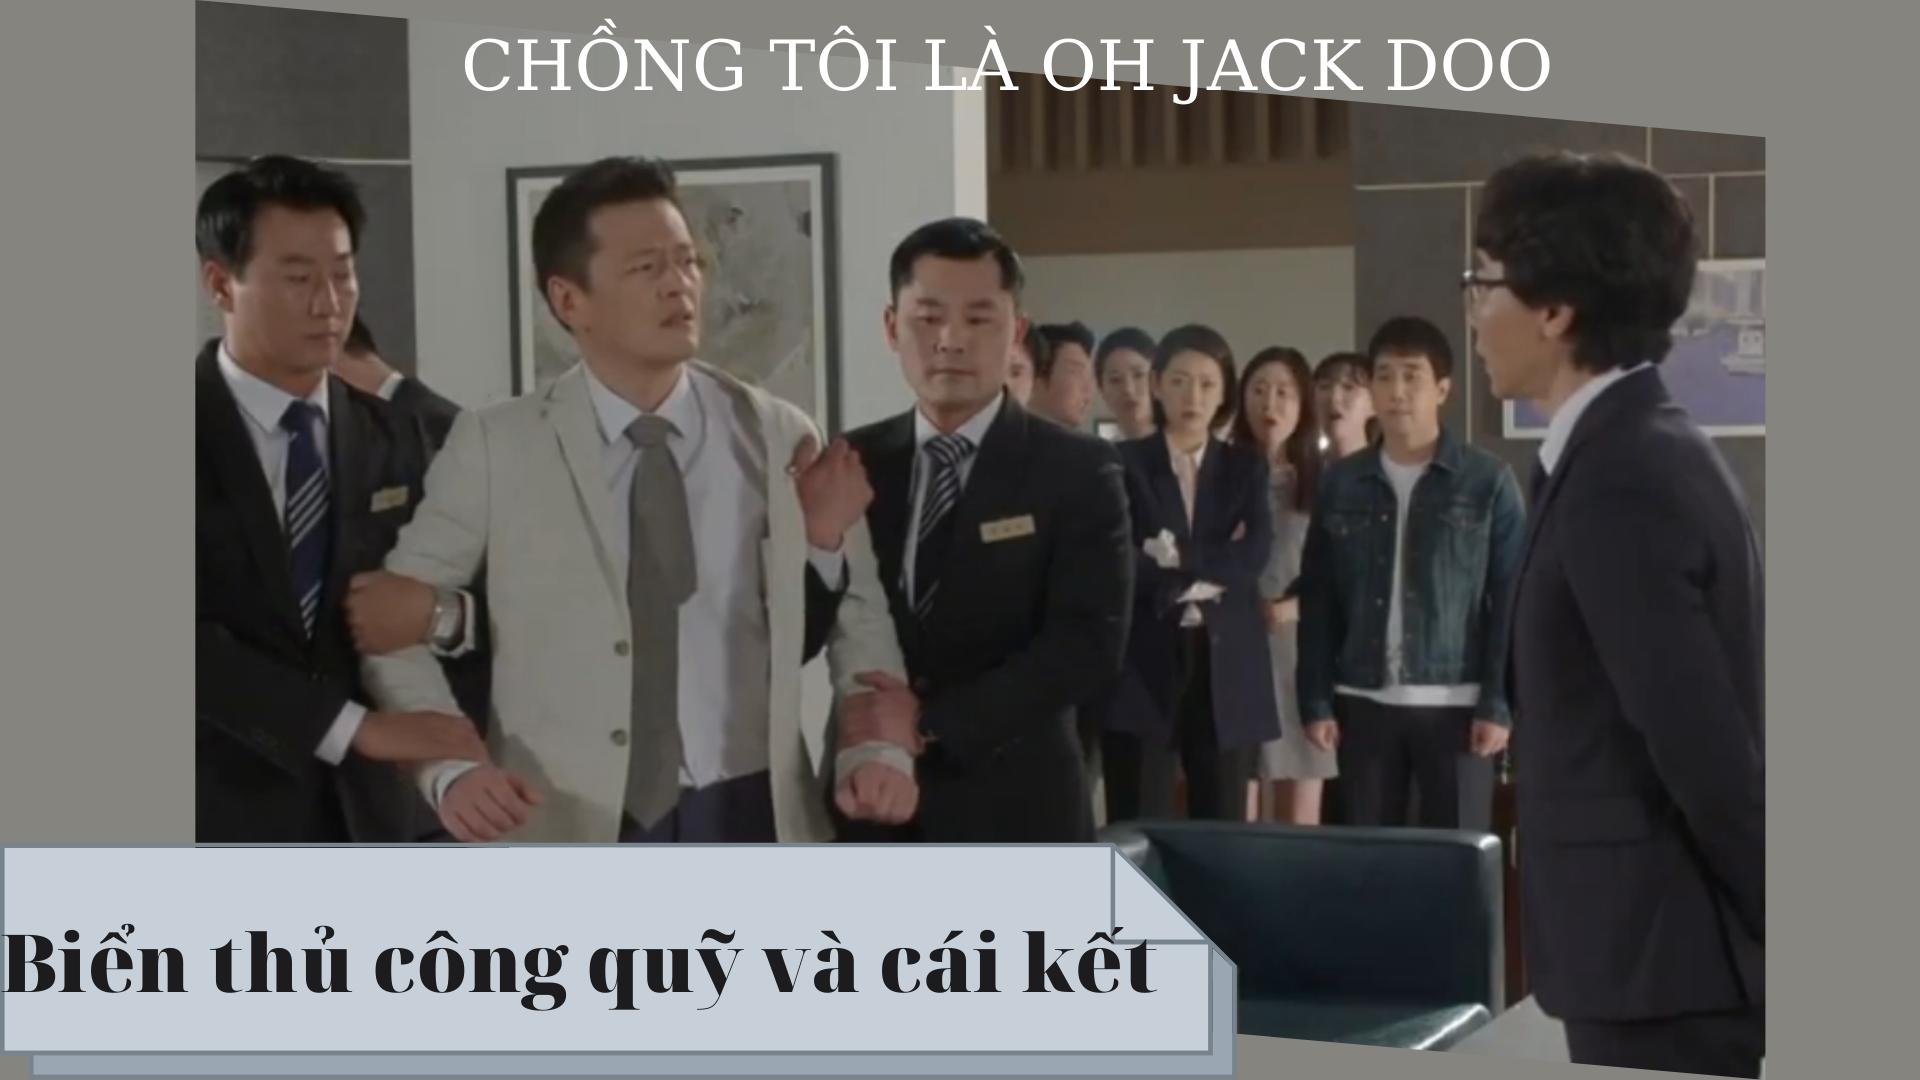 Tập 30- PhimChồng tôi là Oh Jack Doo: Biển thủ công quỹ và cái kết